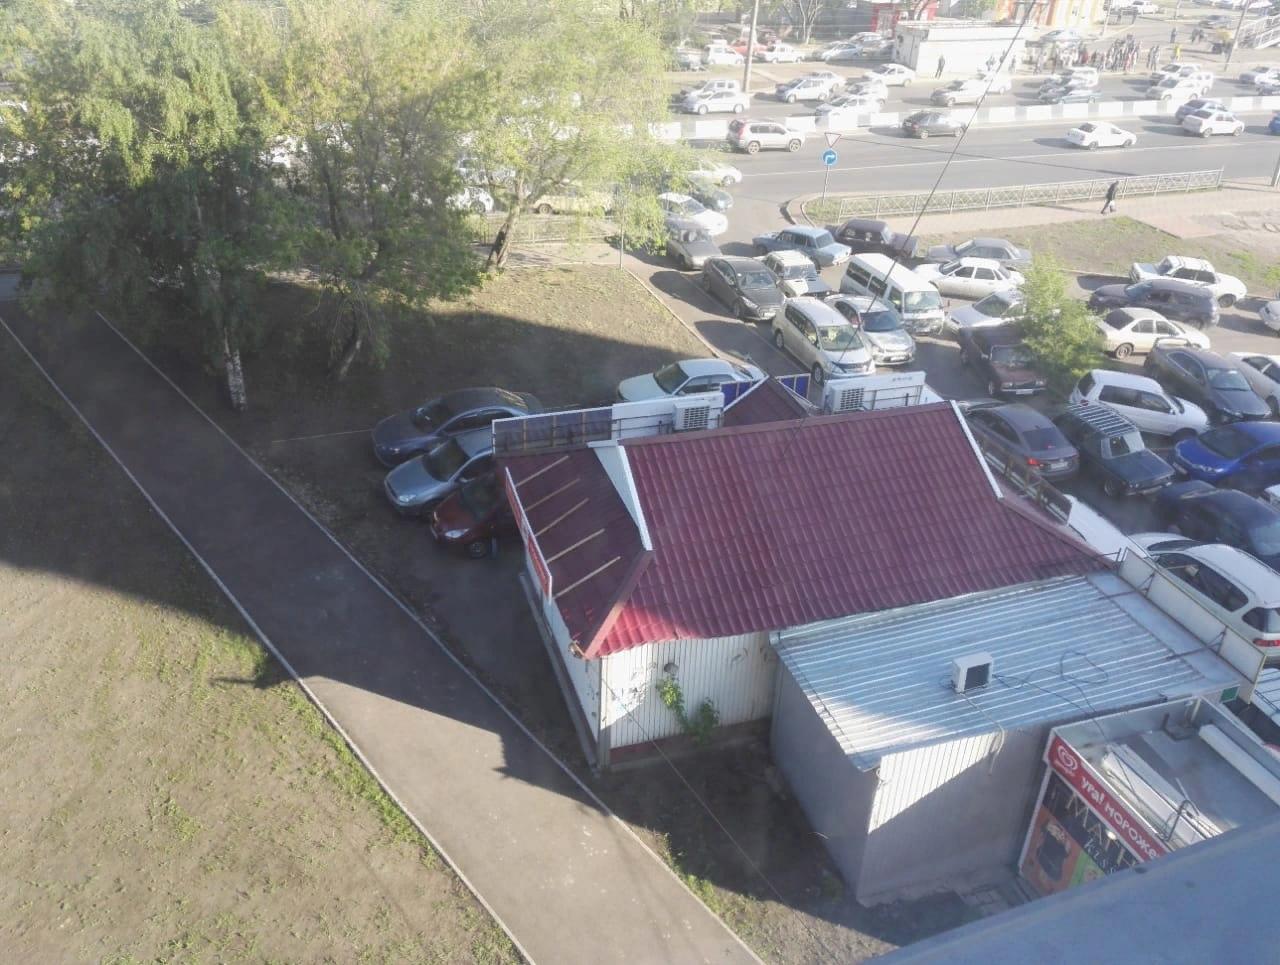 Машины разбросаны по парковке и мешают выезду друг друга